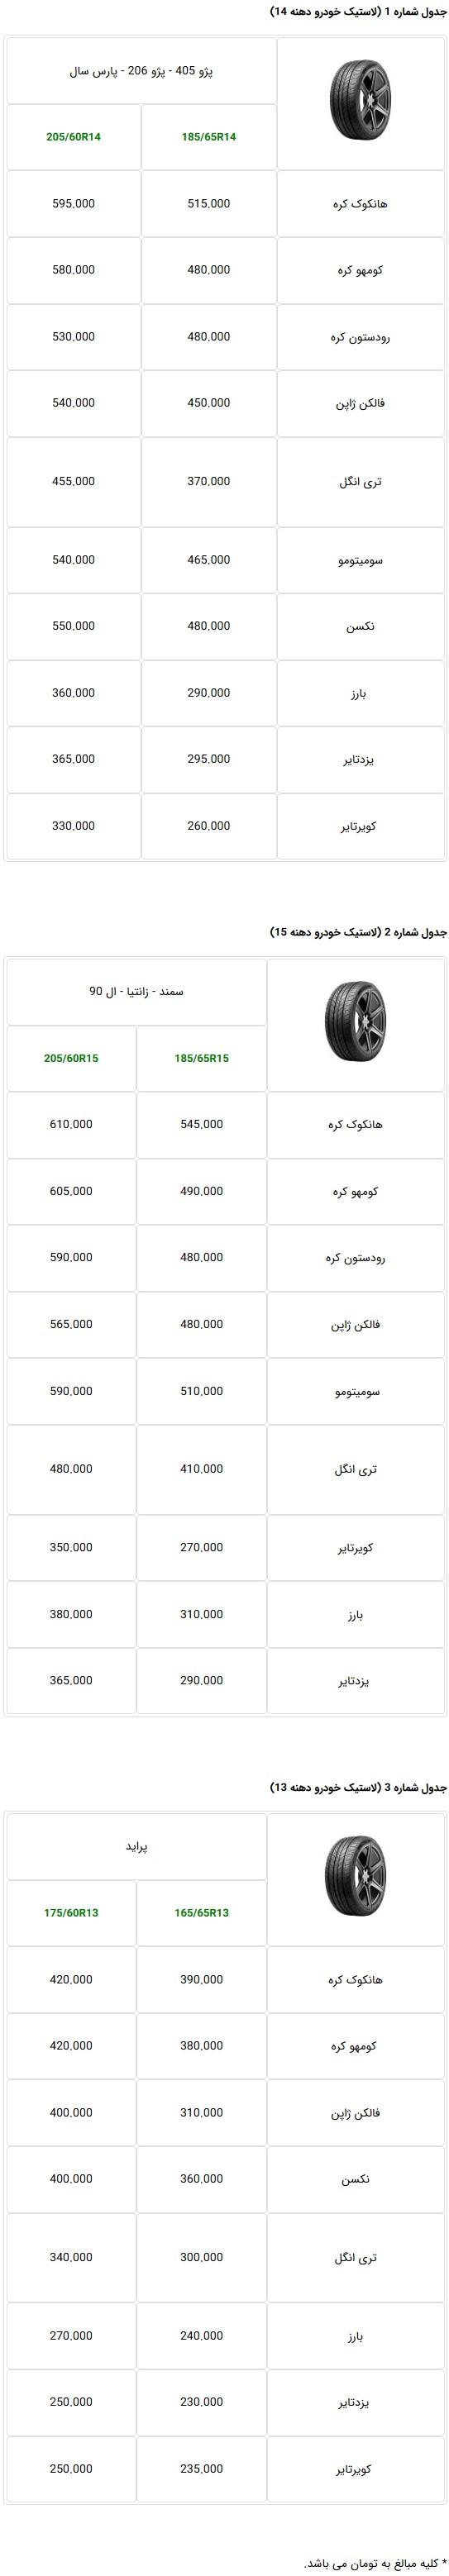 جدول قیمت جدید پرفروشترین لاستیکهای خودرو در بازار